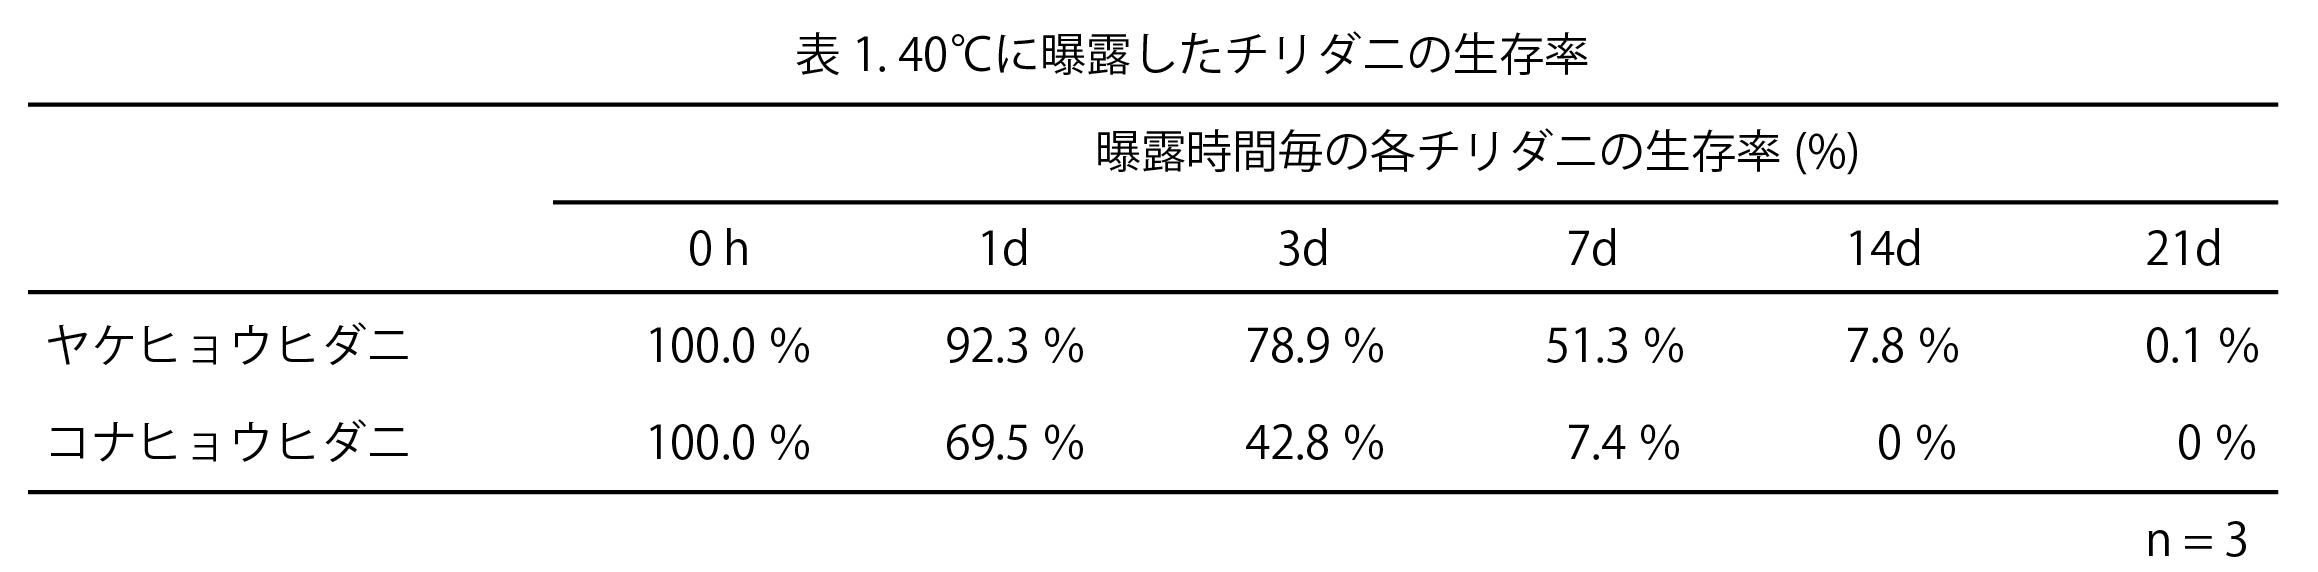 ダニの高温抵抗性を検証表1